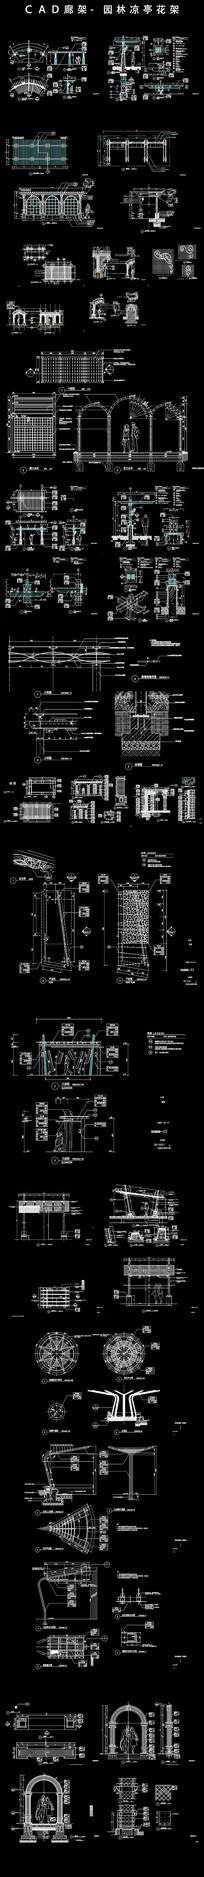 园林凉亭花架施工图